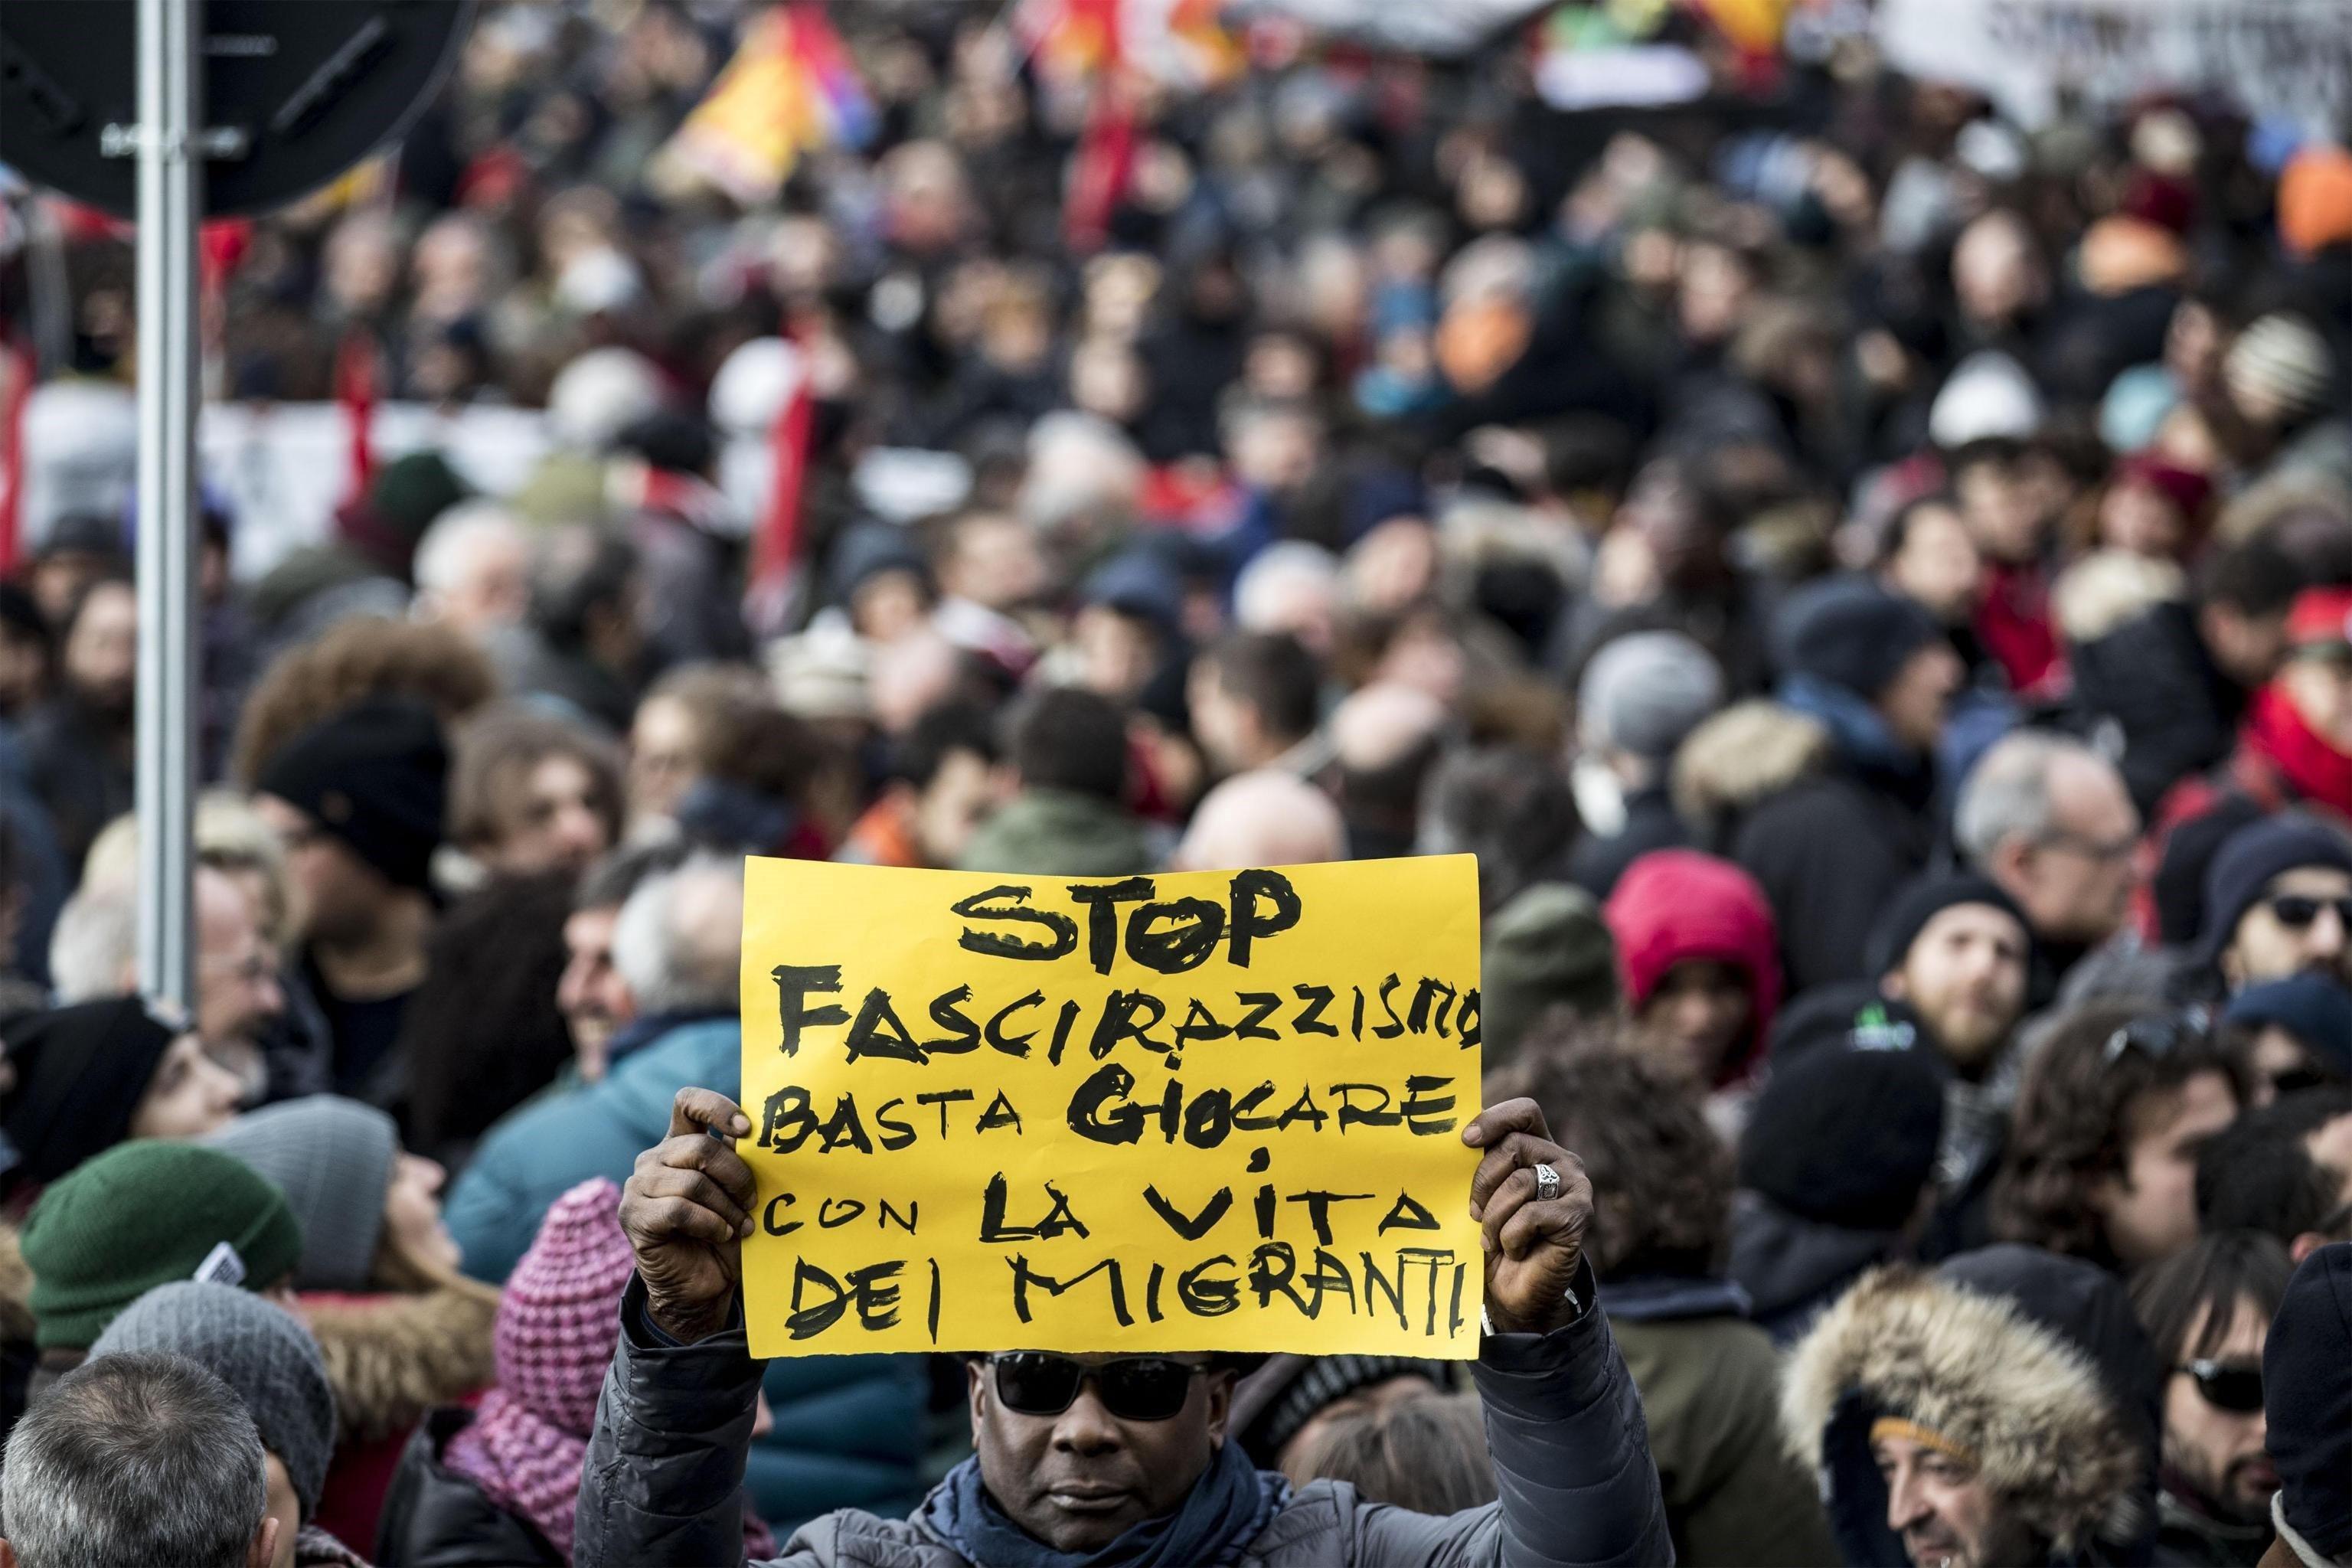 Una persona sosté una pancarta durant la manifestació contra el racisme a Macerata, després que un italià disparés contra diverses persones de color. /MASSIMO PERCOSSI